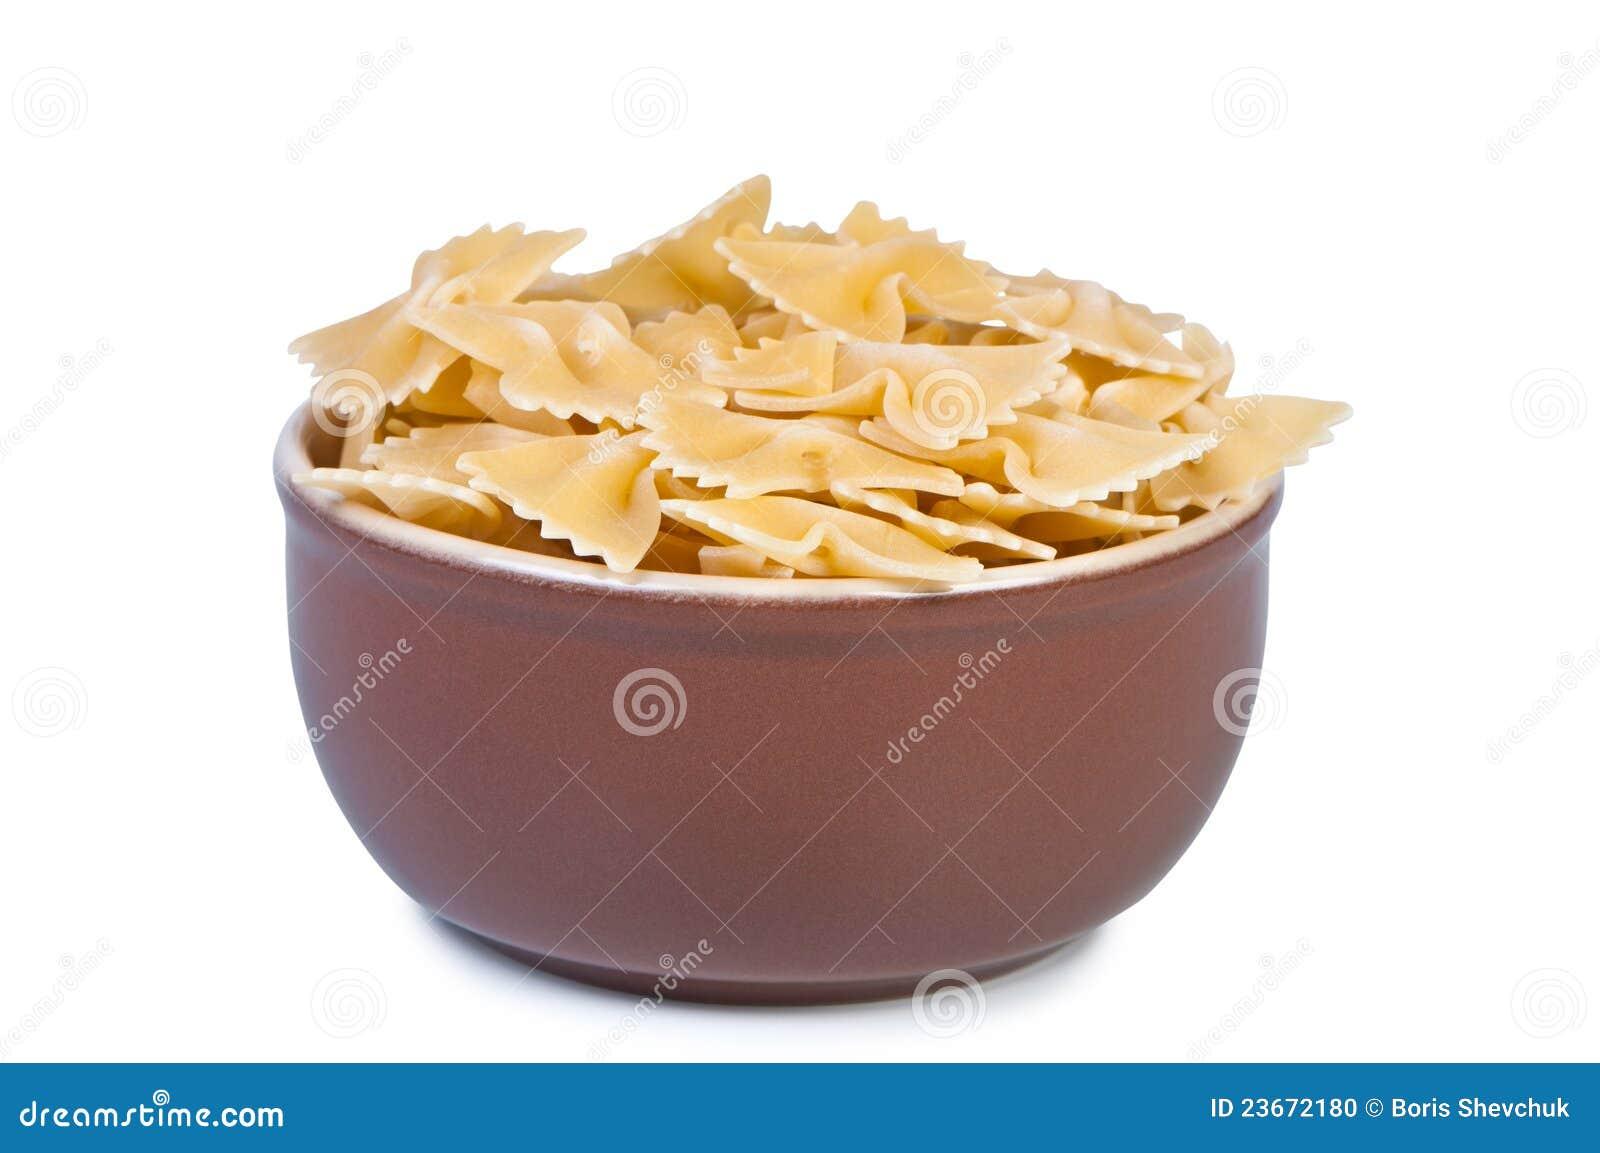 Tazón de fuente con las pastas sin procesar en el fondo blanco.